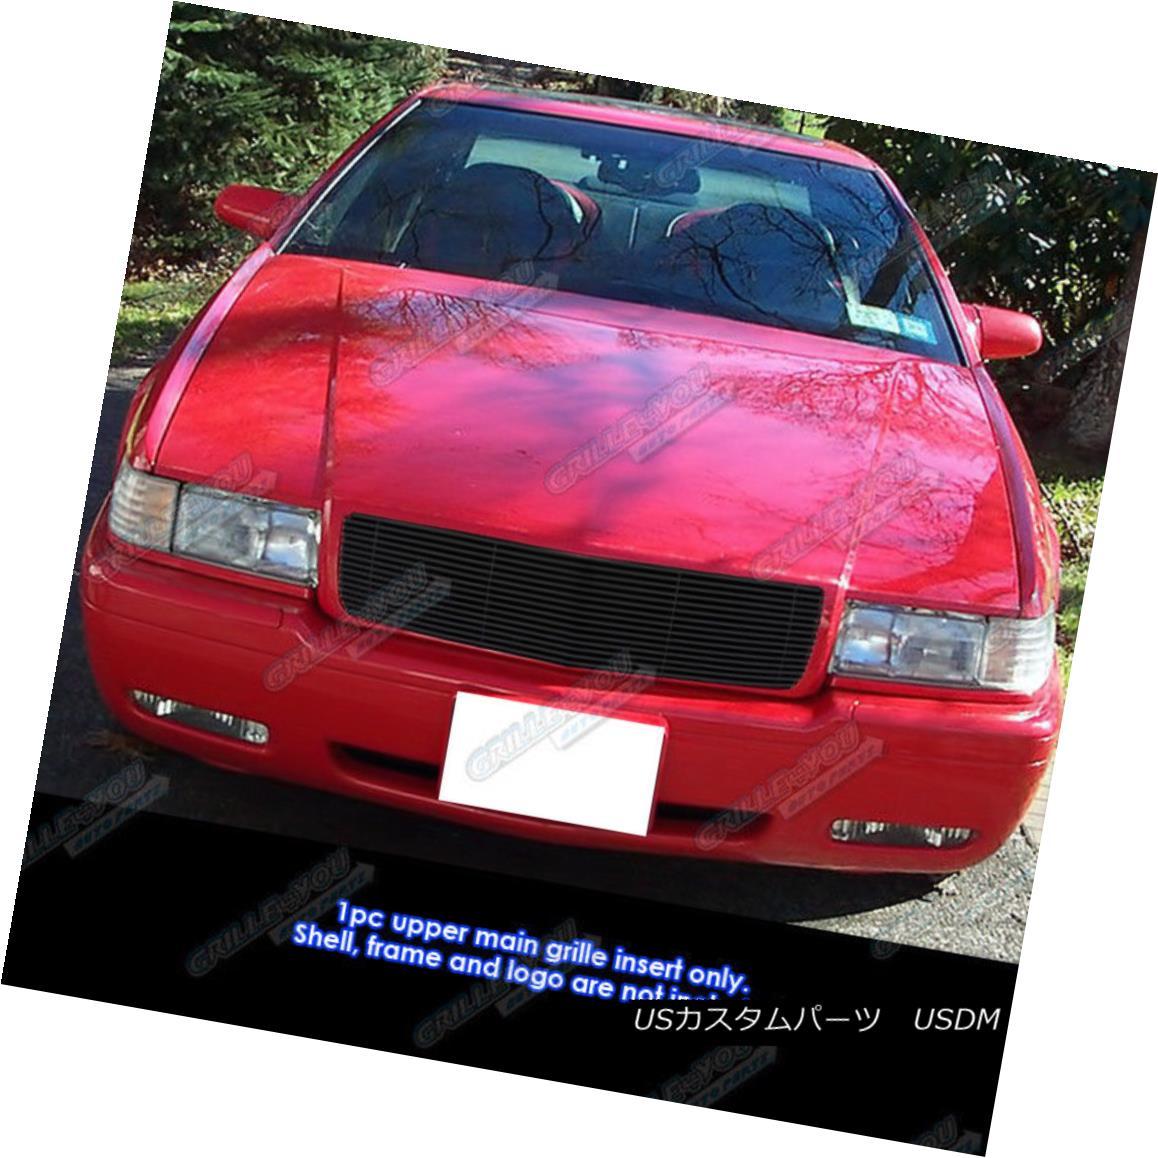 グリル Fits 1995-2002 Cadillac EL Dorado Black Billet Grille Grill Insert フィット1995-2002キャデラックELDoradoブラックビレットグリルグリルインサート